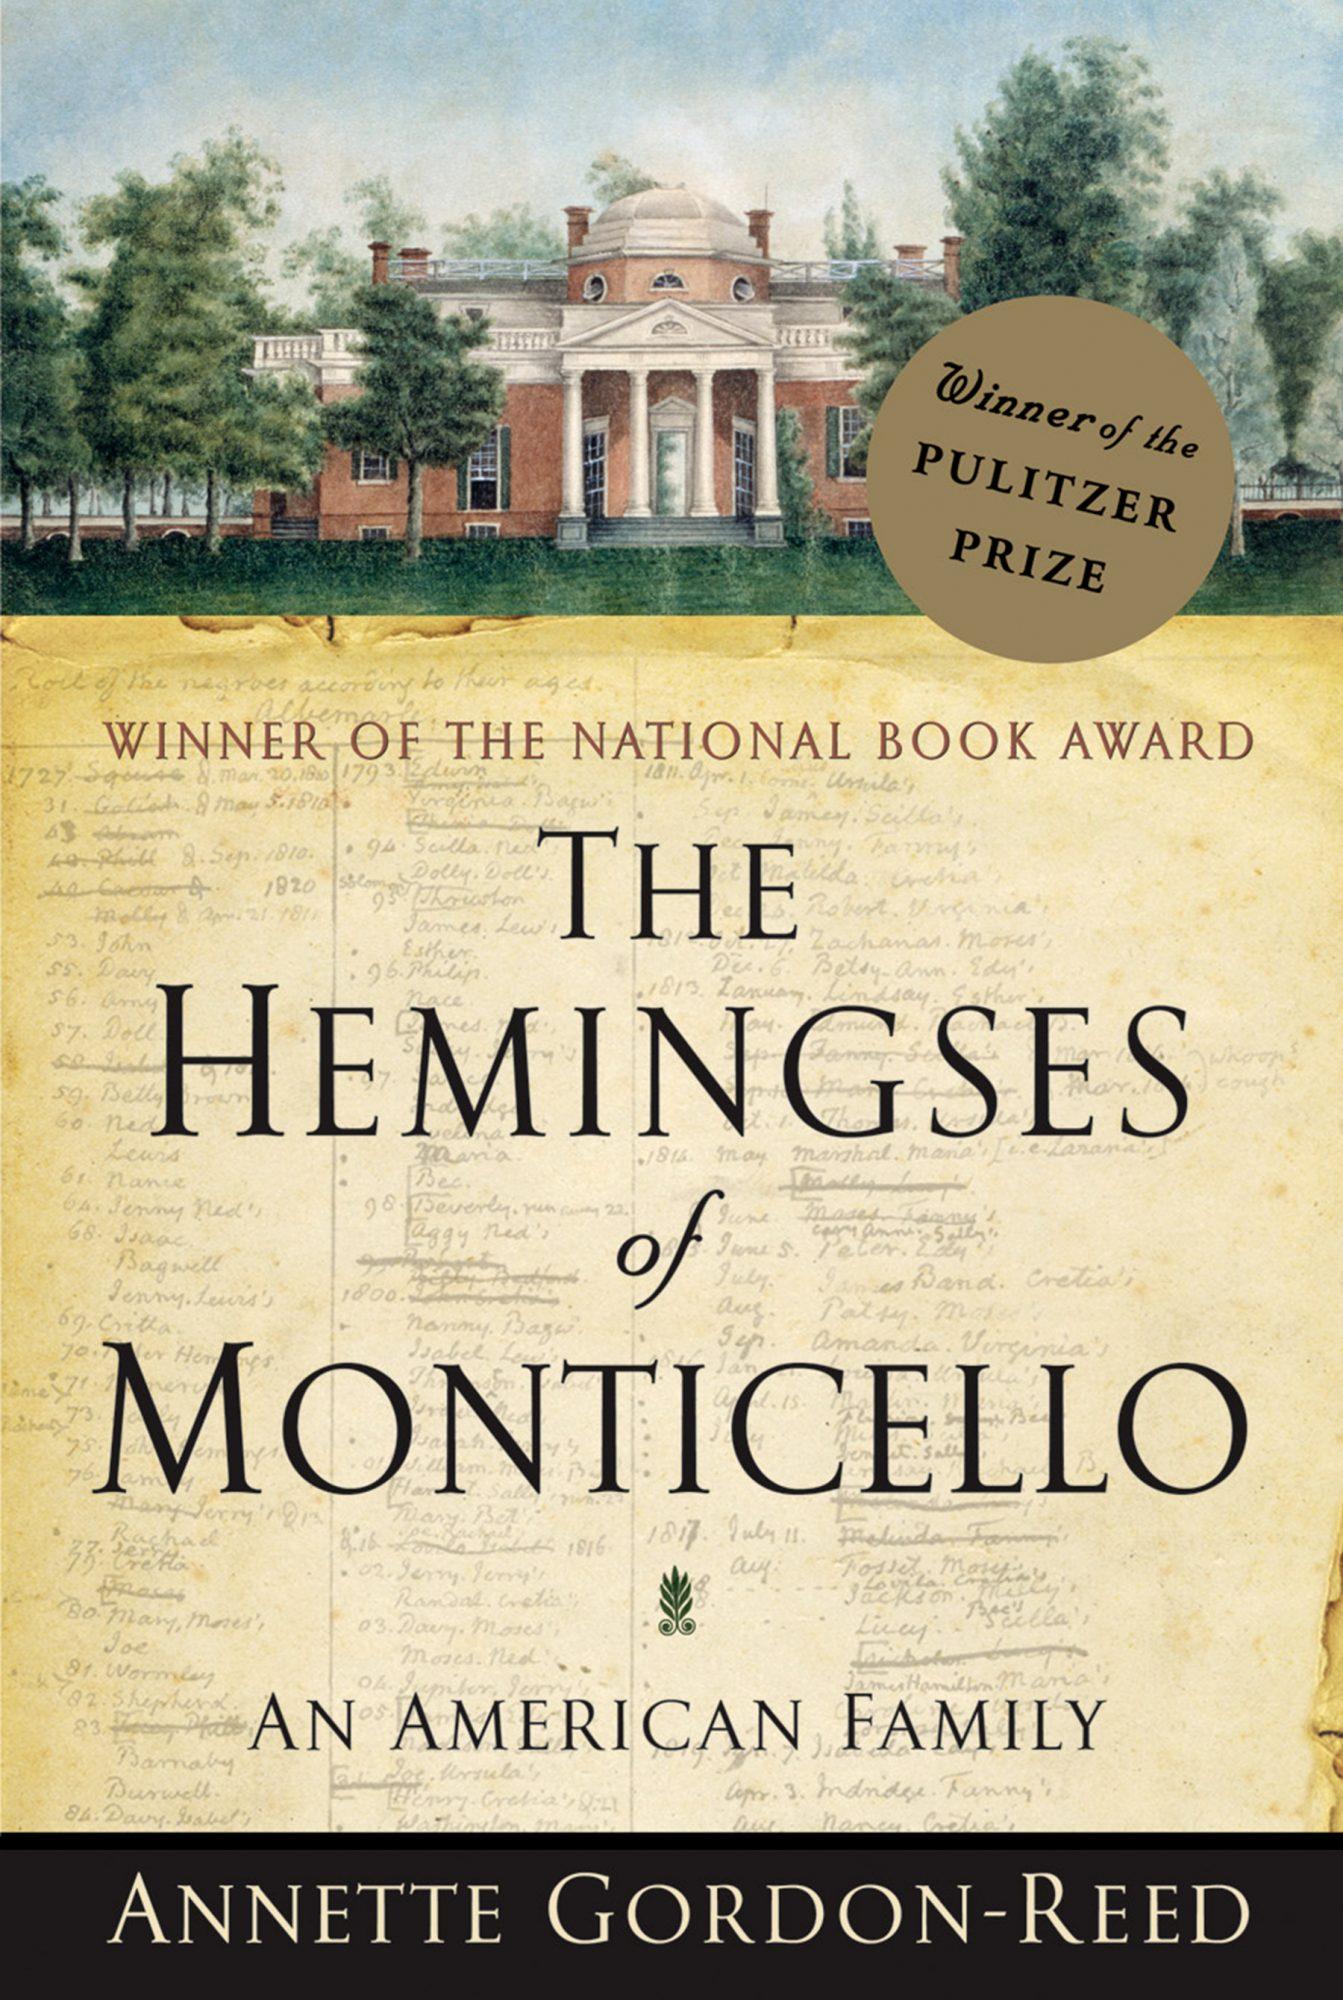 Annette Gordon-Reed, The Hemingses of Monticello